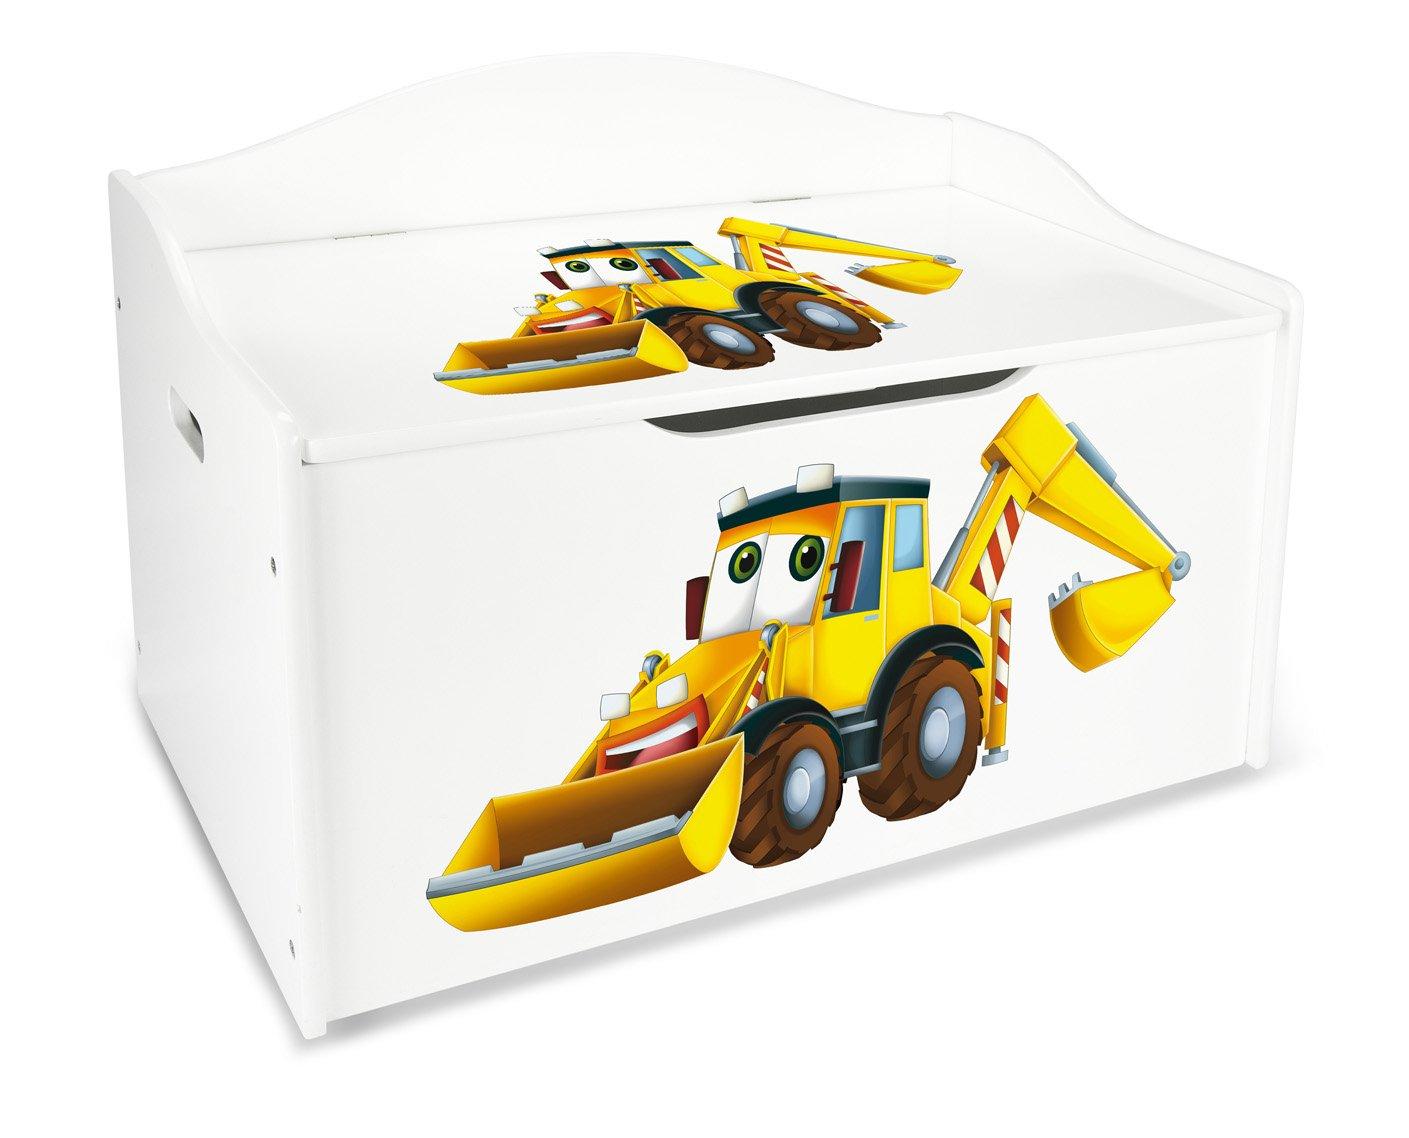 Mobili contenitori per bambini mobili contenitori for Tomassini mobili